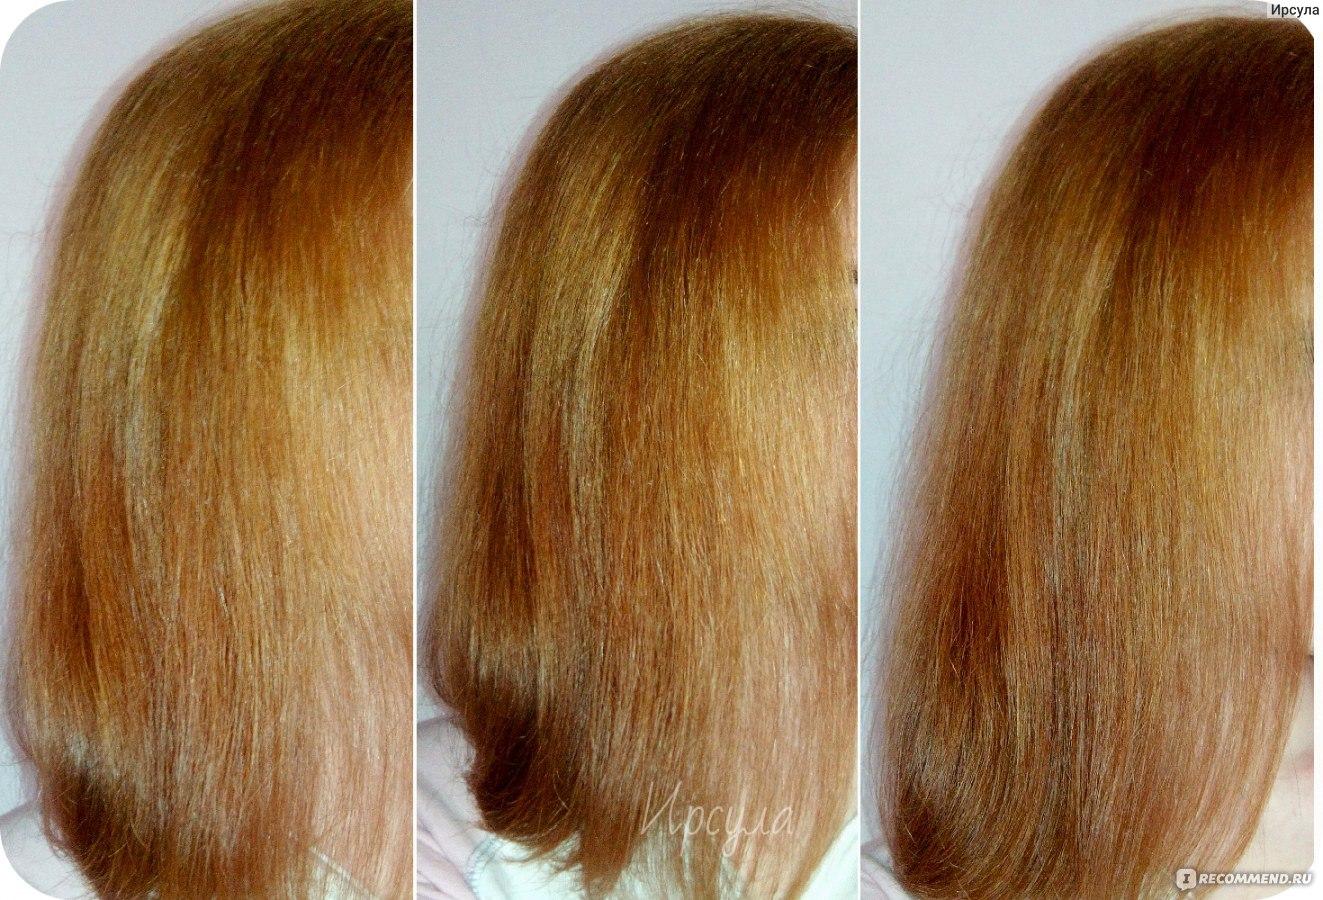 Блестящие волосы. Как сделать волосы блестящими в домашних